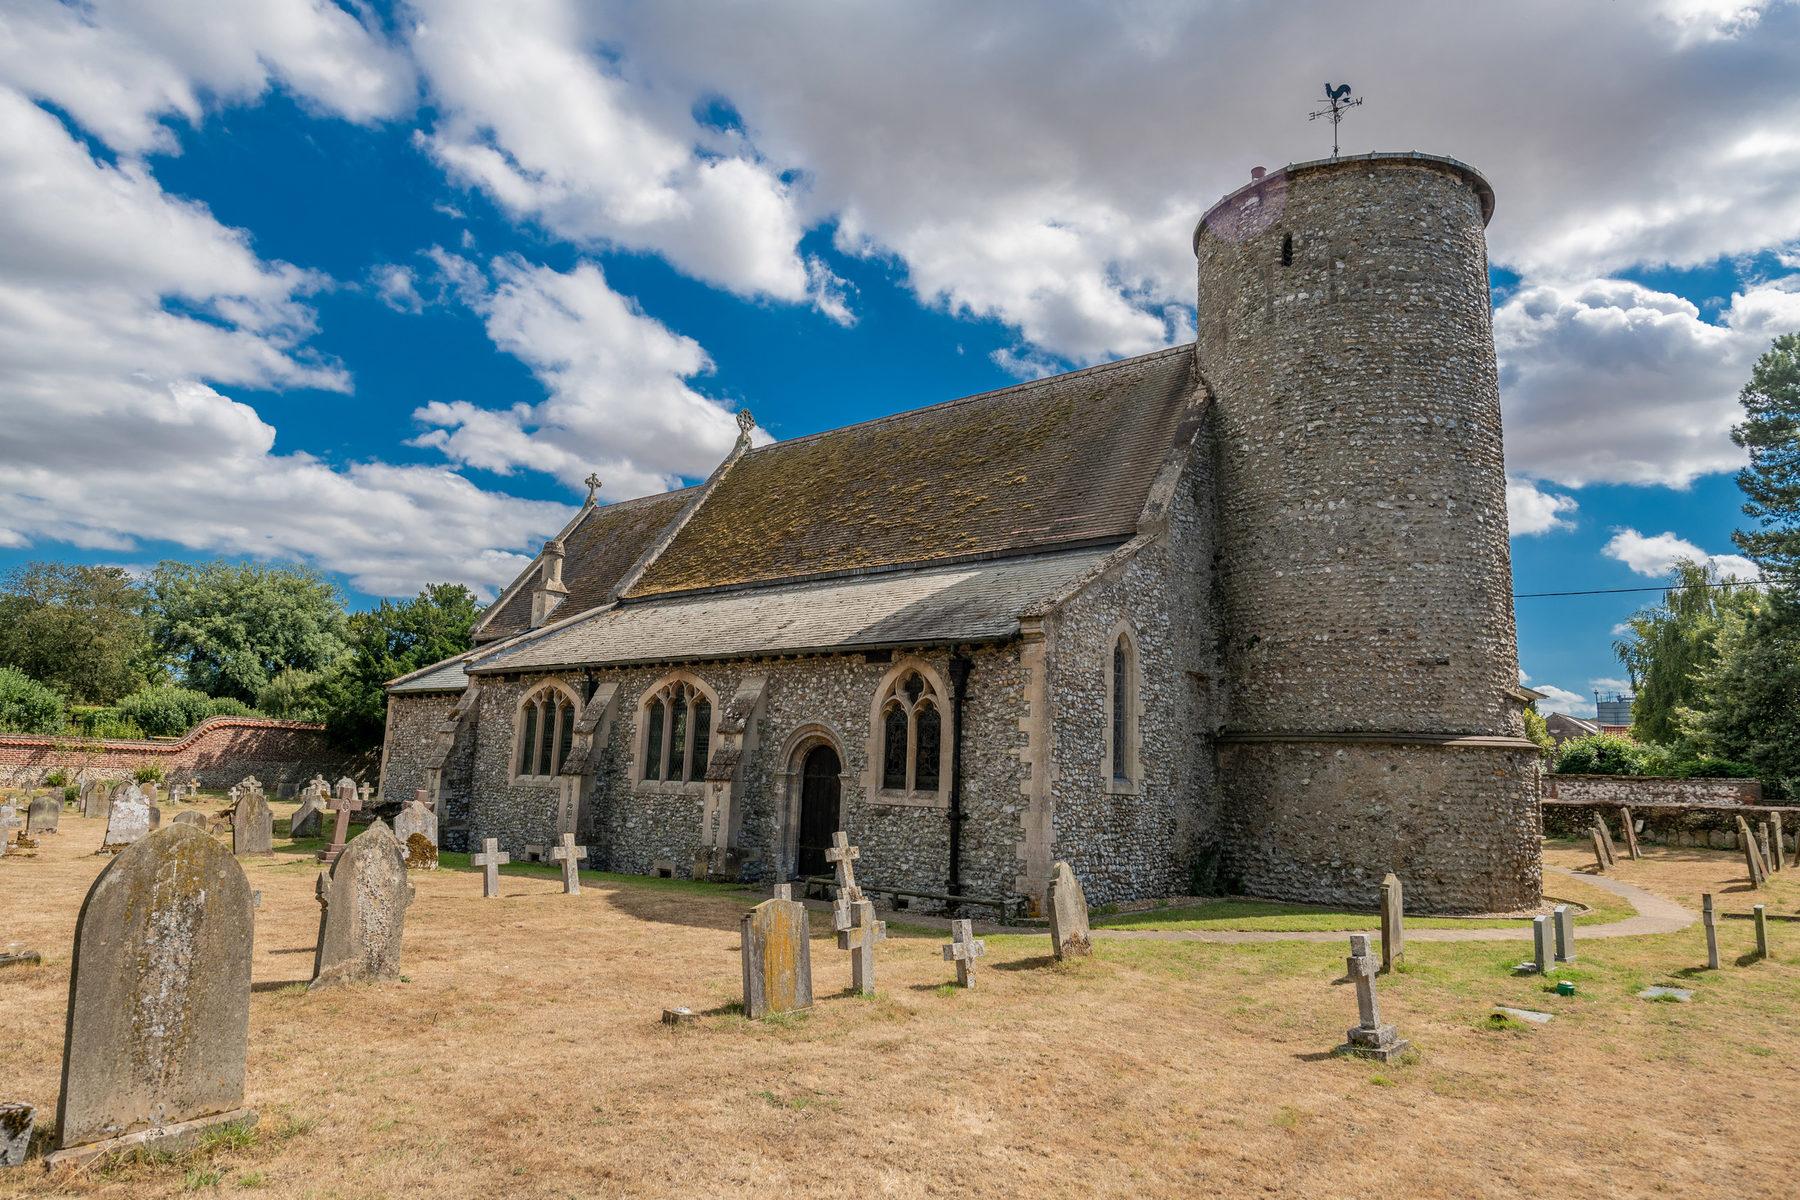 009 Burnham Deepdale Church 2018